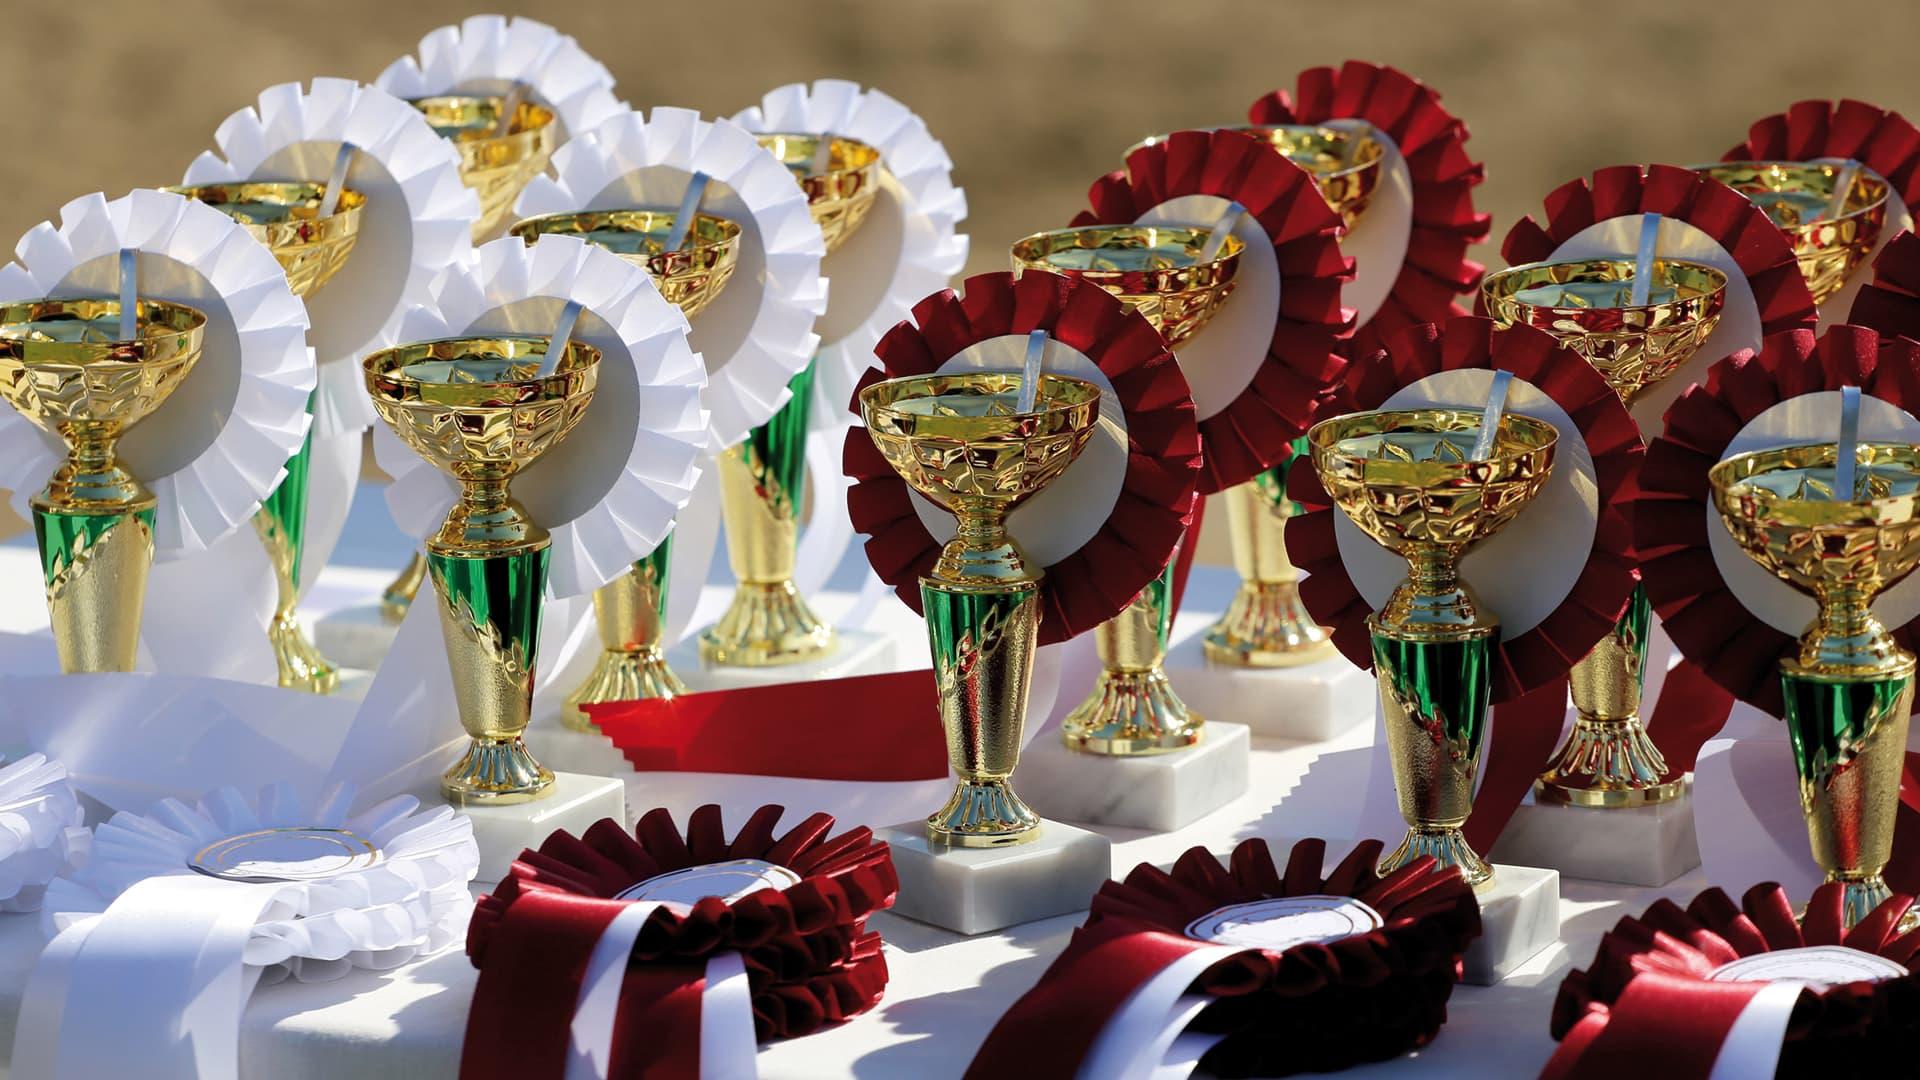 Pokale und Siegerschleifen